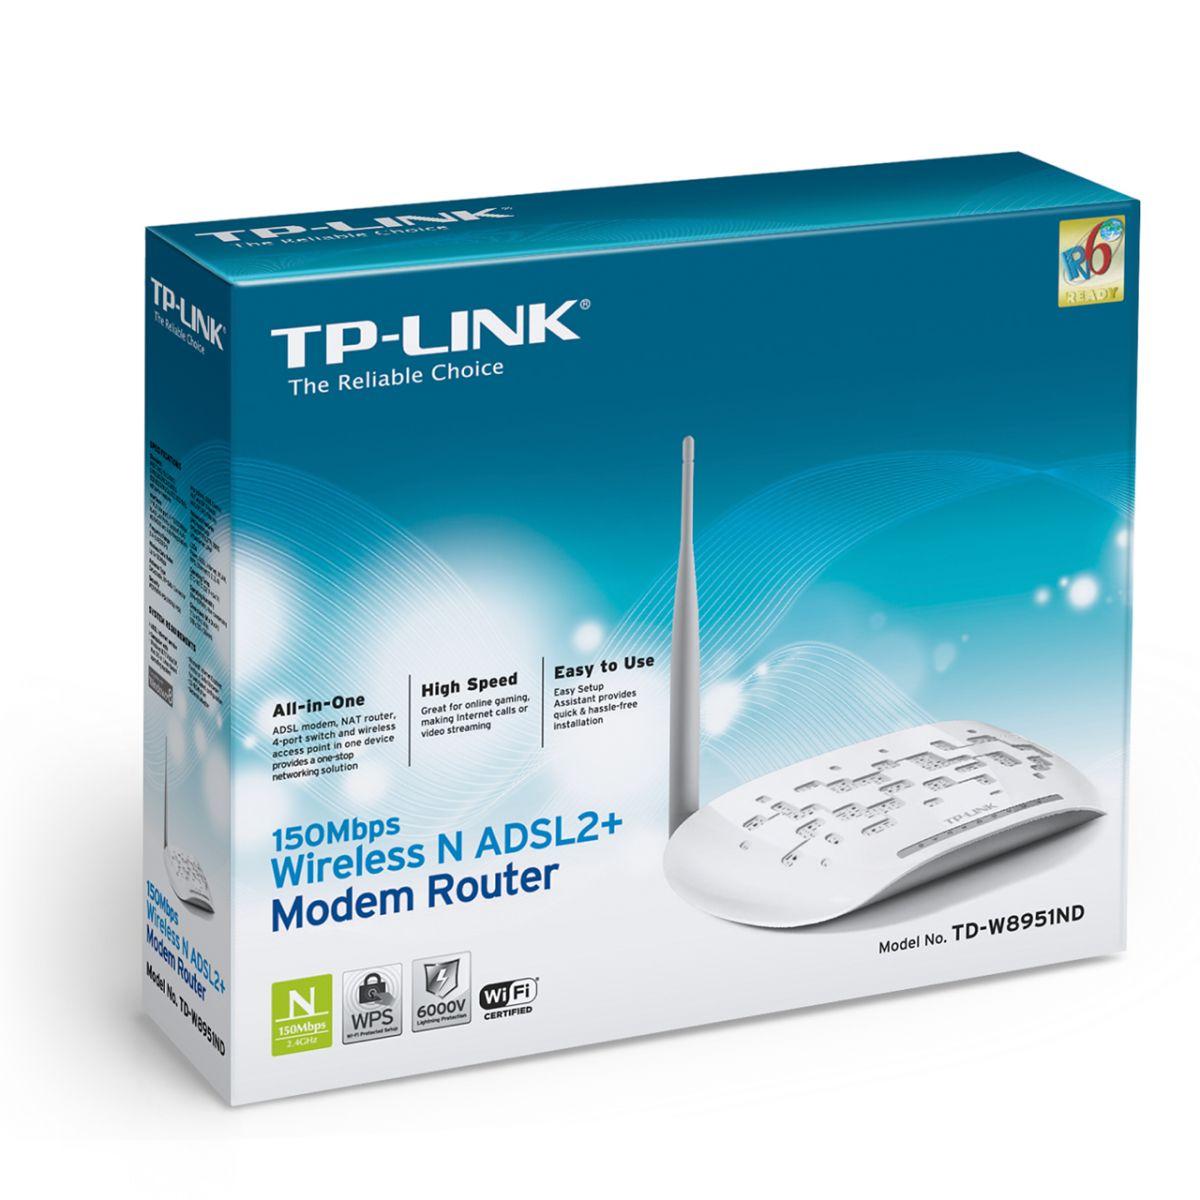 Modem TP-Link Wireless ADSL2+ N 150Mbps TD-W8951ND  - ShopNoroeste.com.br